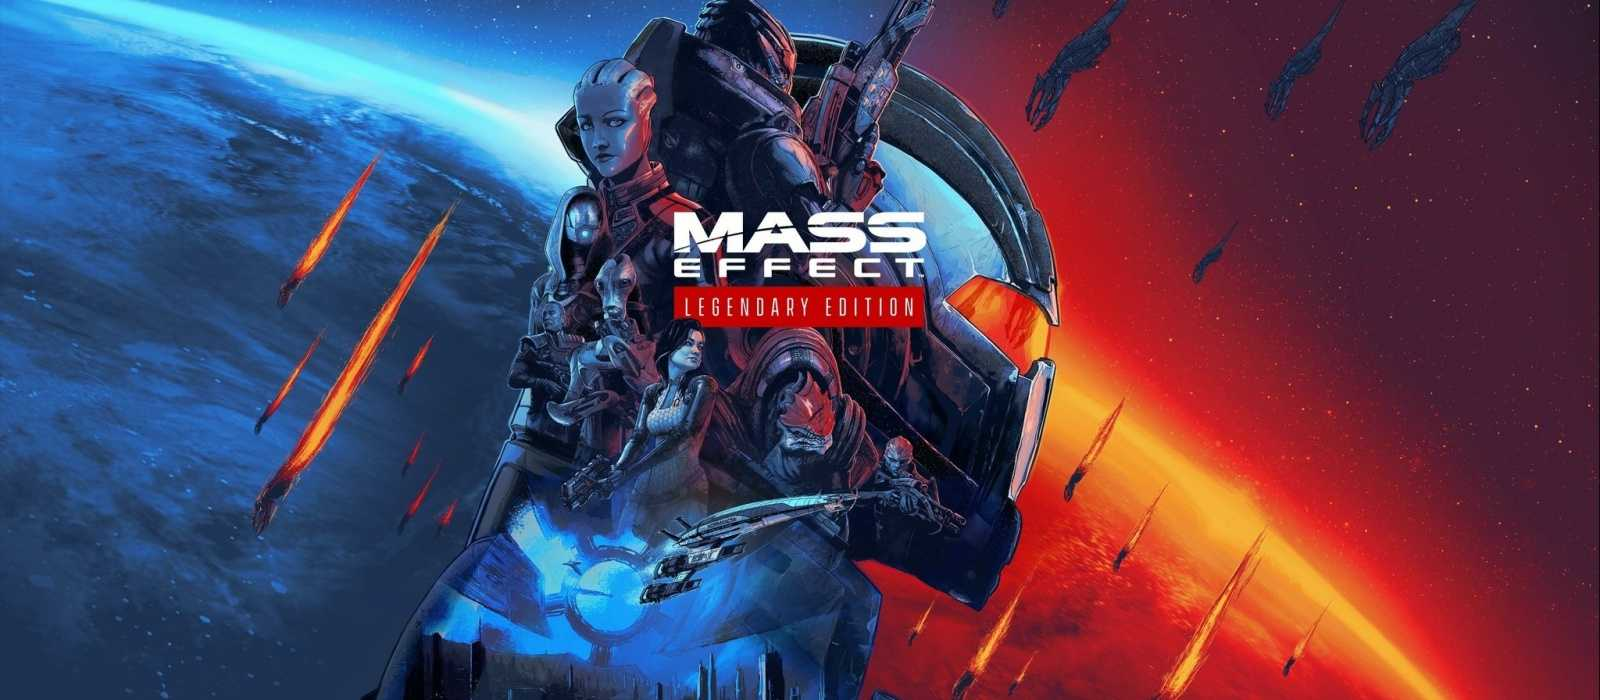 Die Ankündigung des Remasters der Mass Effect-Trilogie wurde online veröffentlicht. BioWare entwickelt ein neues Teil